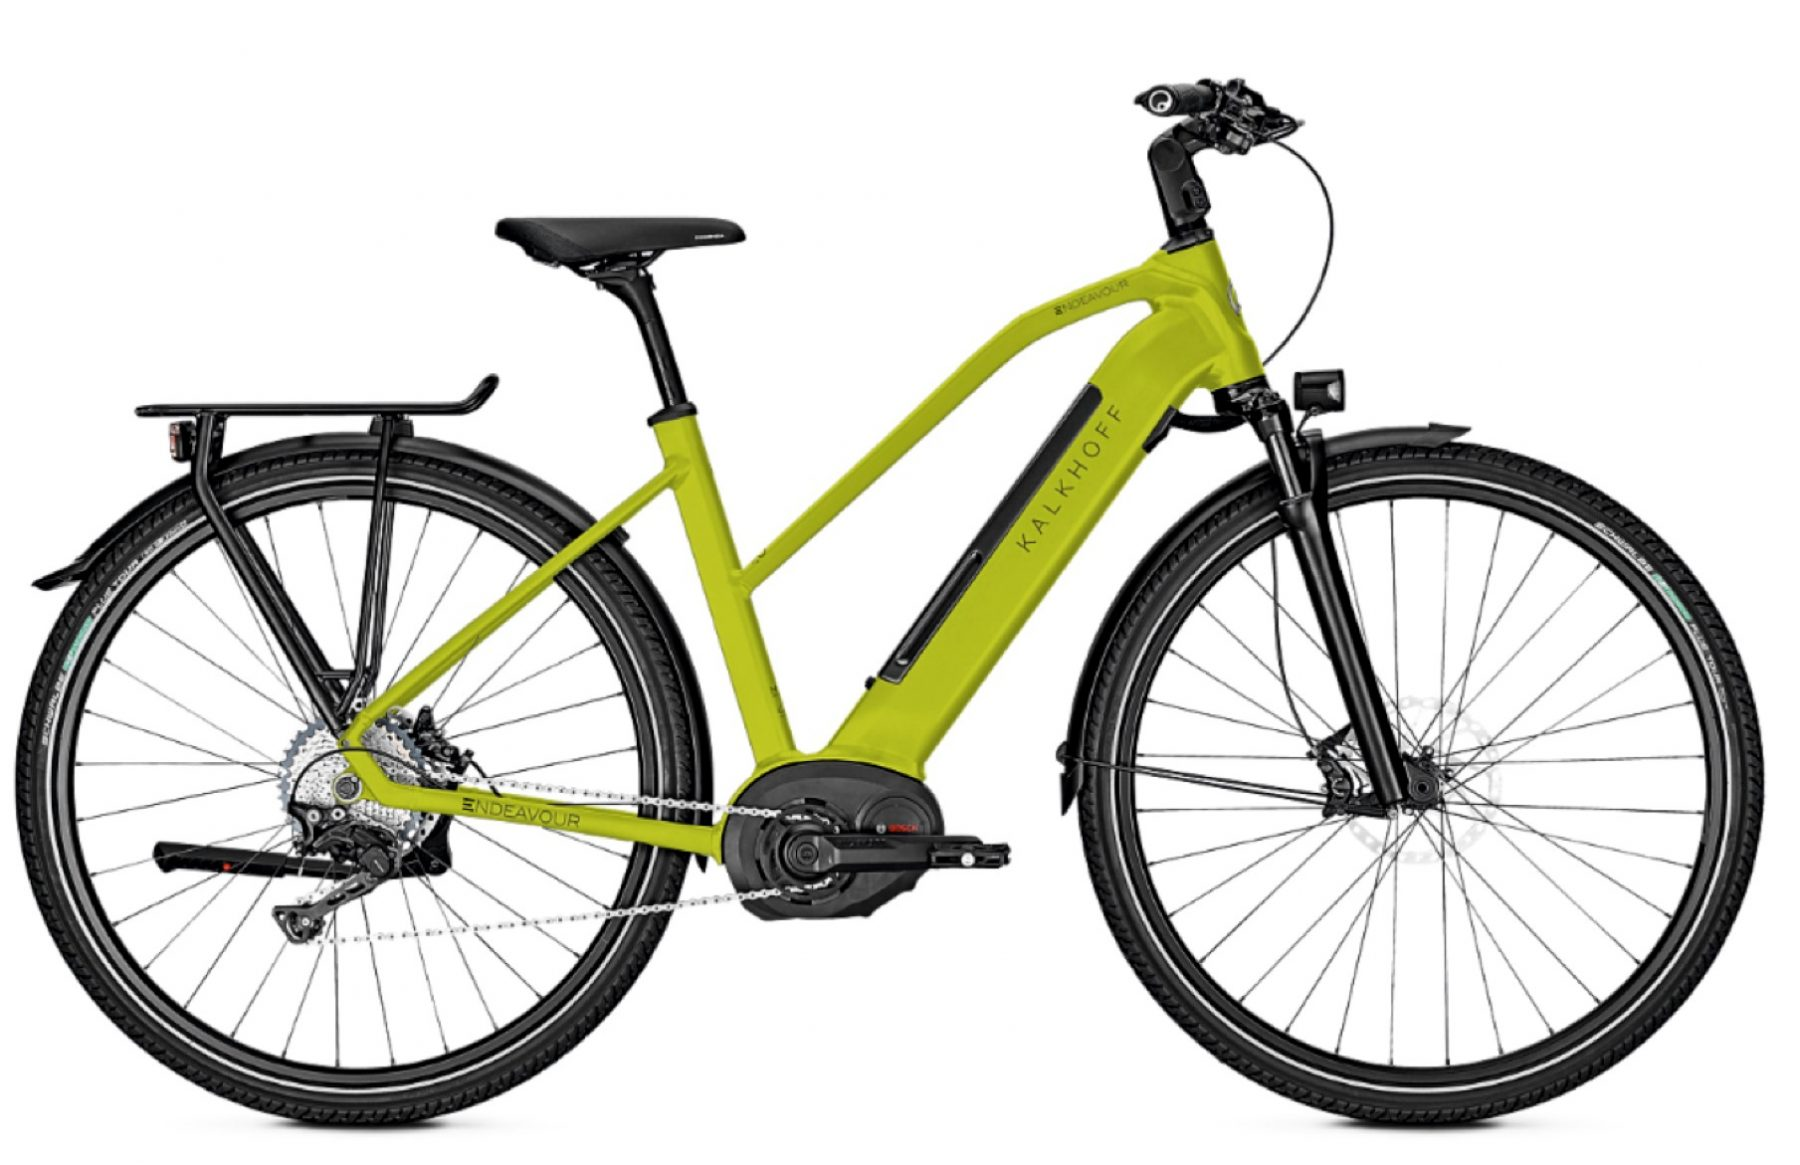 Bike Rentals In Italy | Group Bike Rentals & Bike Hire